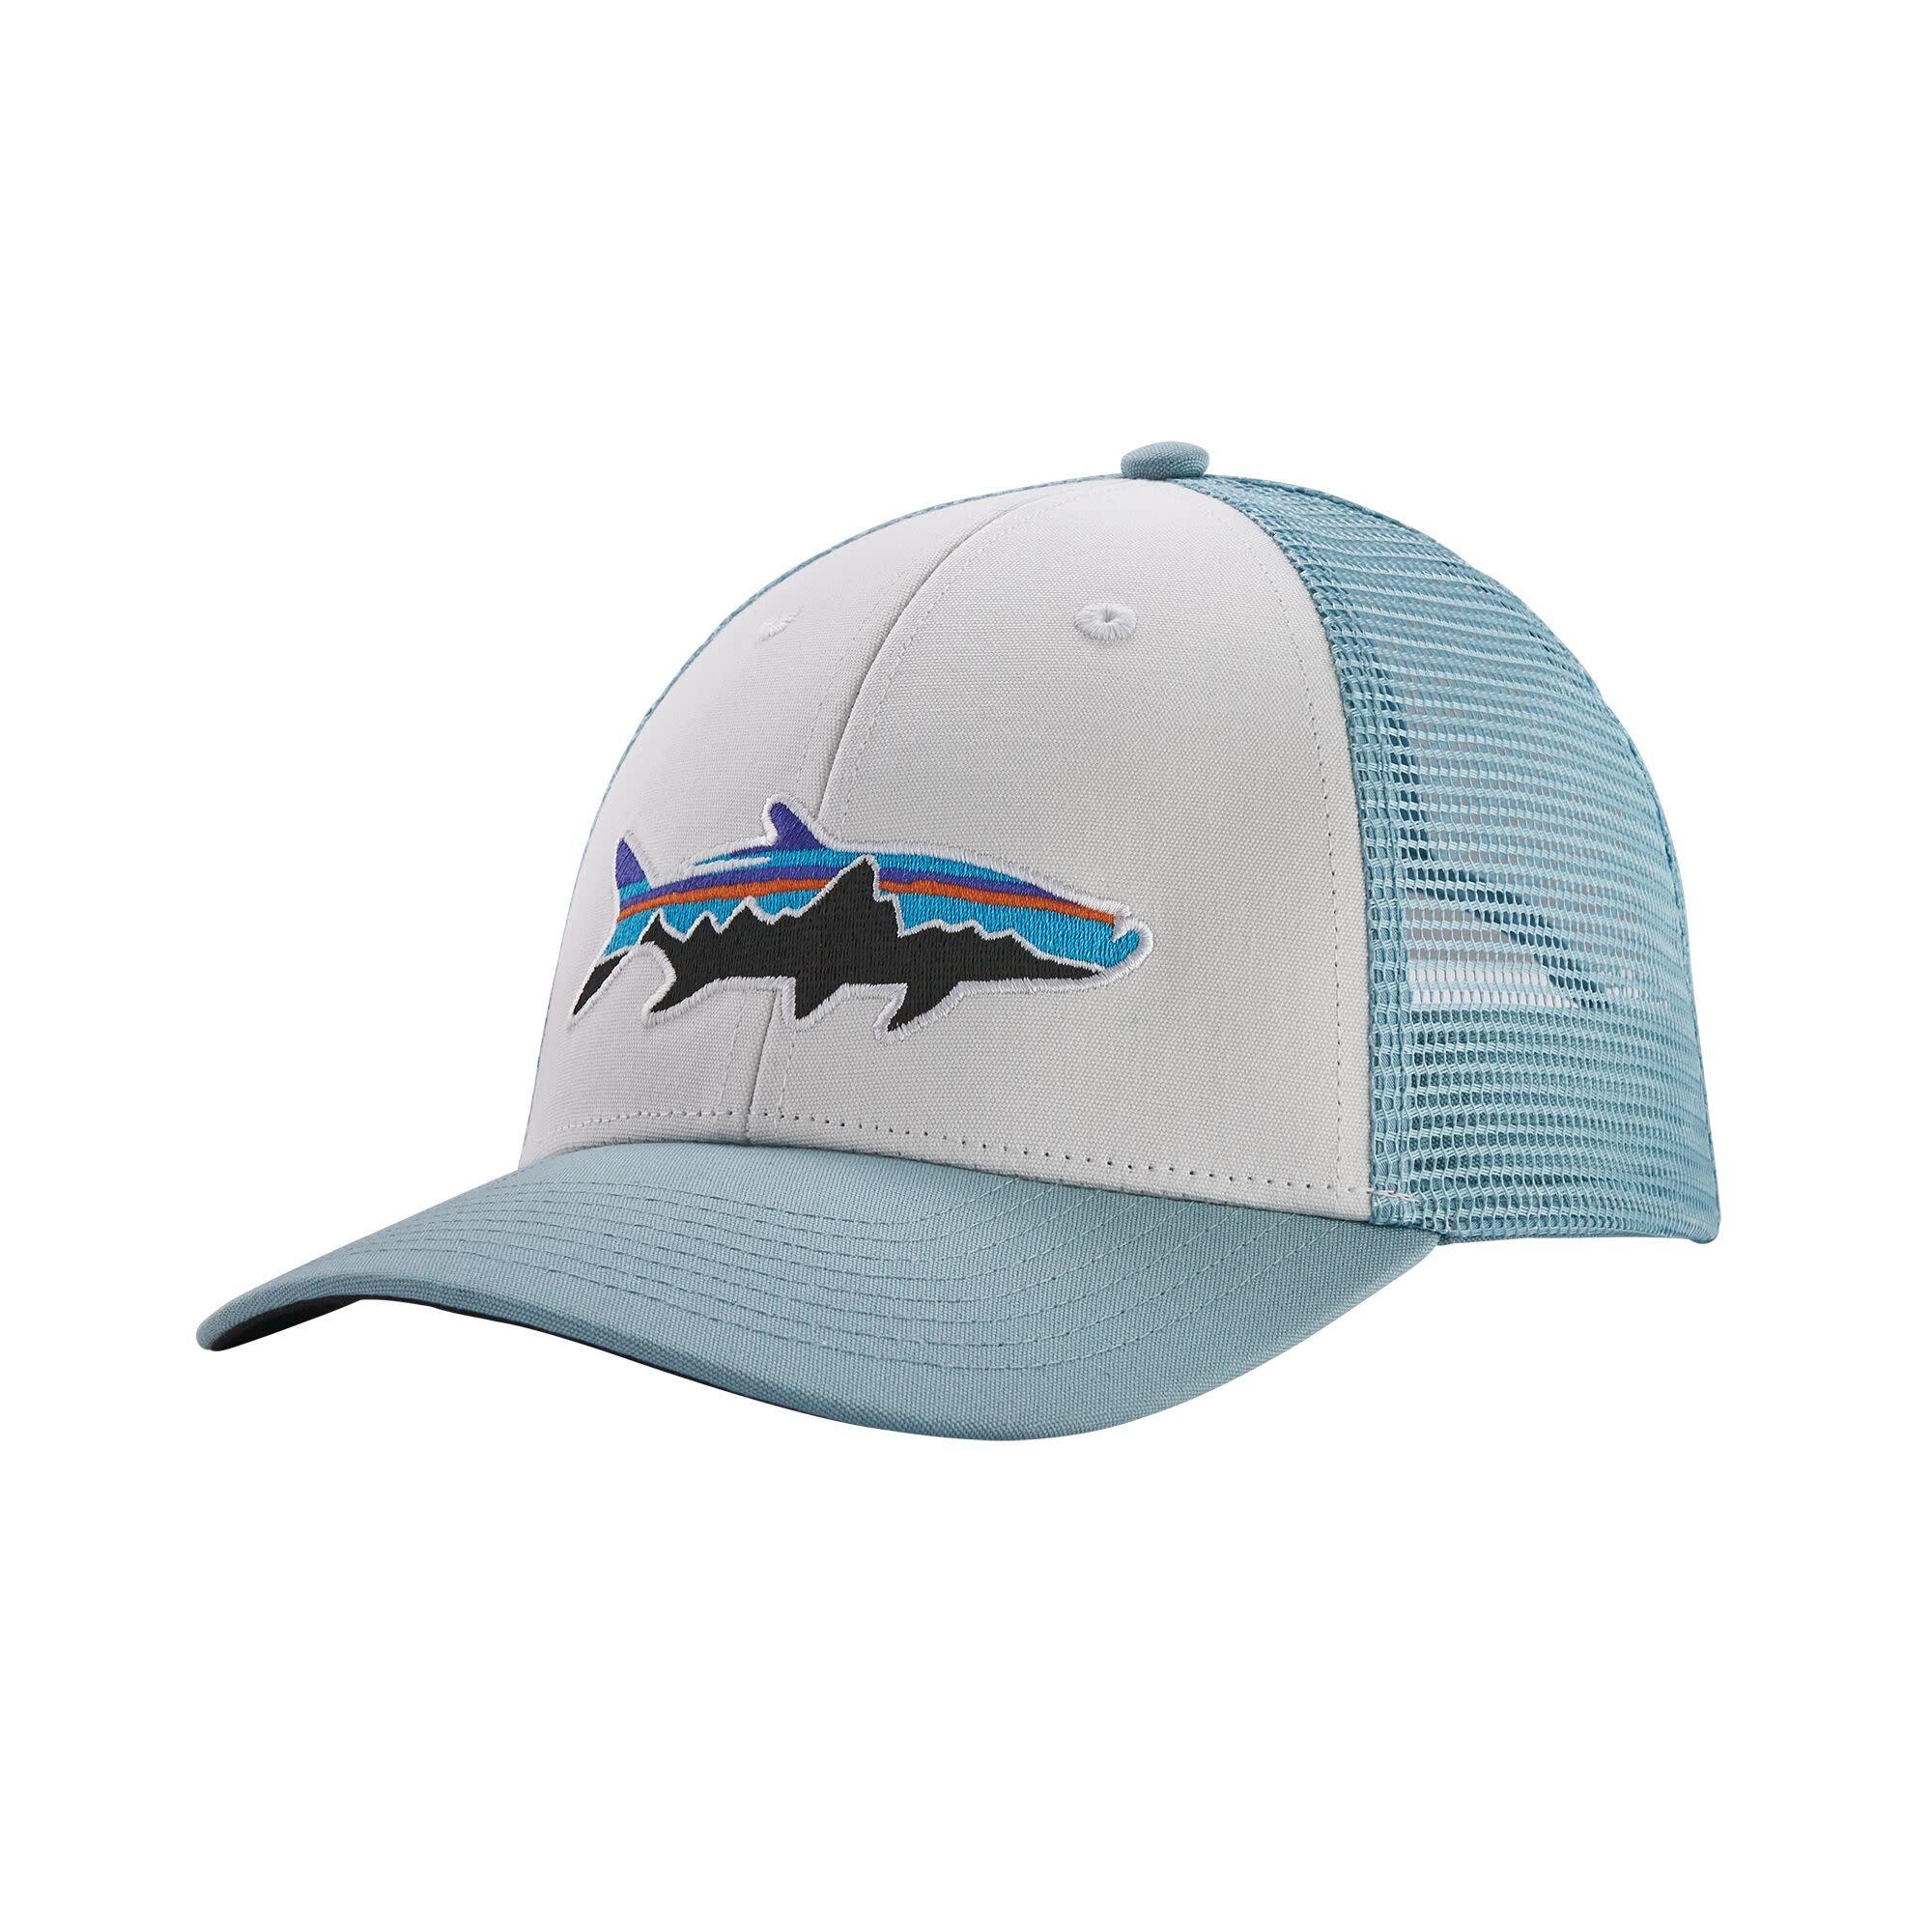 Patagonia Patagonia Fitz Roy Tarpon LoPro Trucker Hat